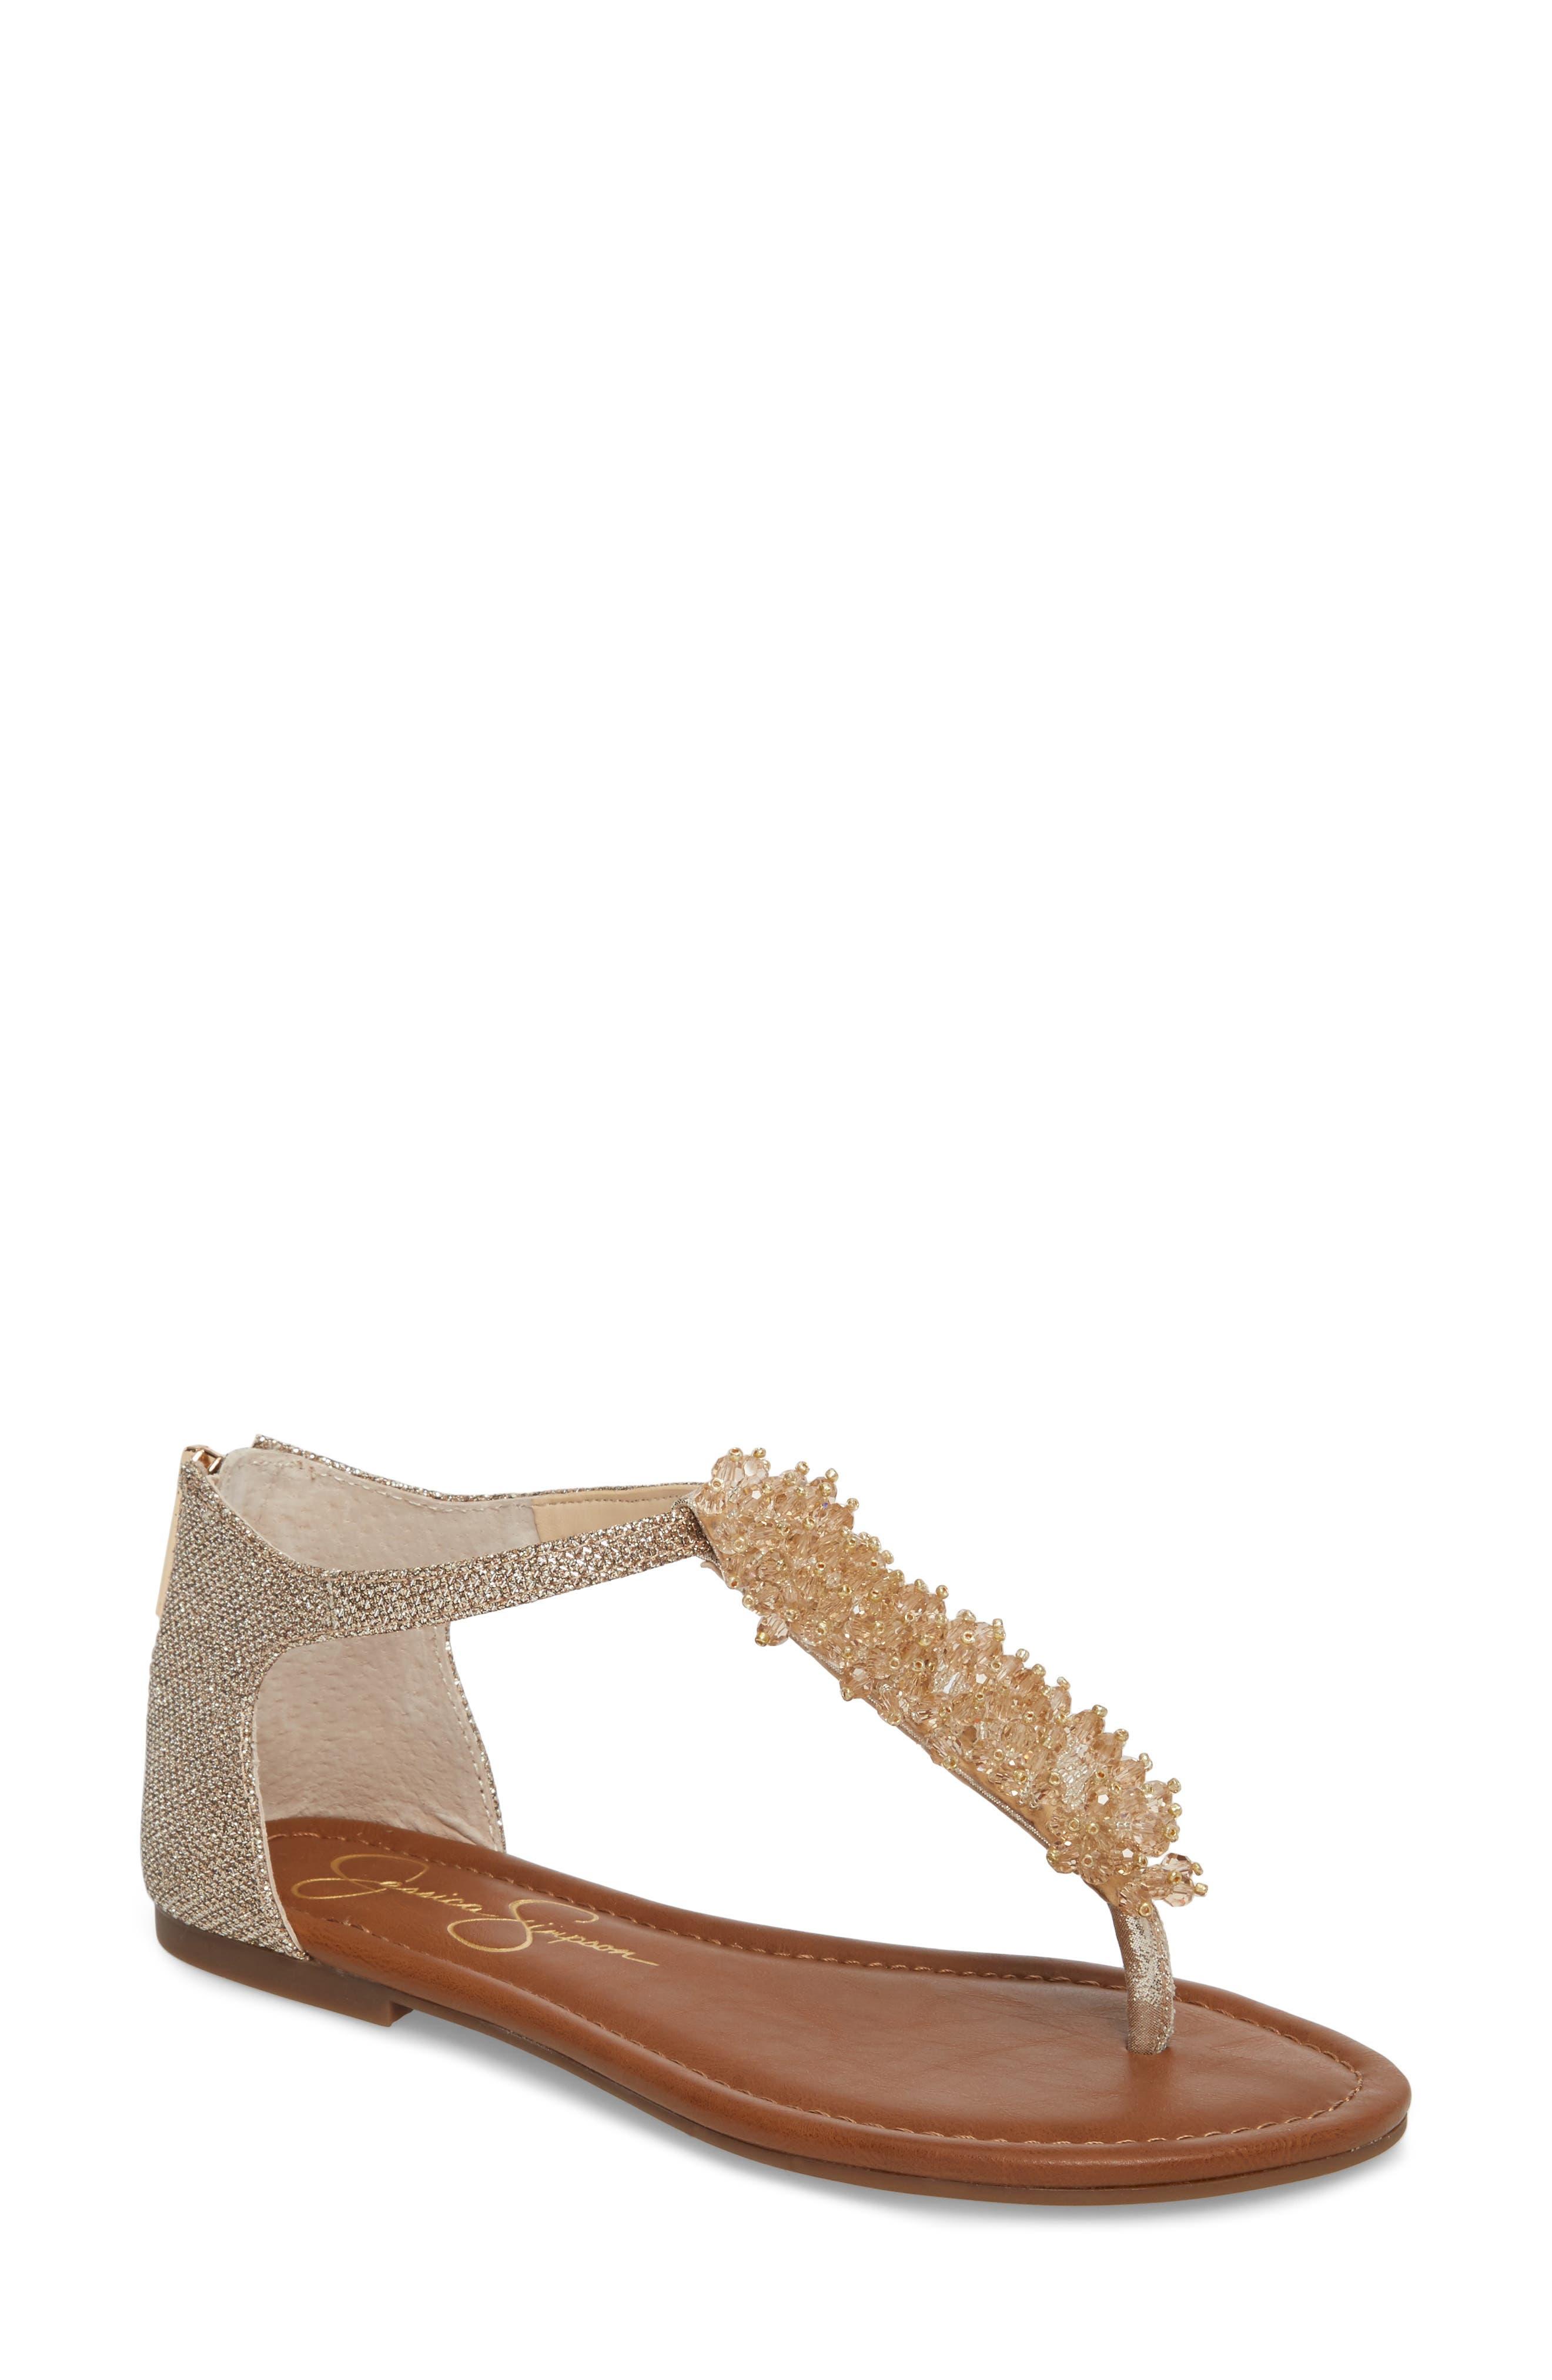 Kenton Crystal Embellished Sandal,                         Main,                         color, Gold